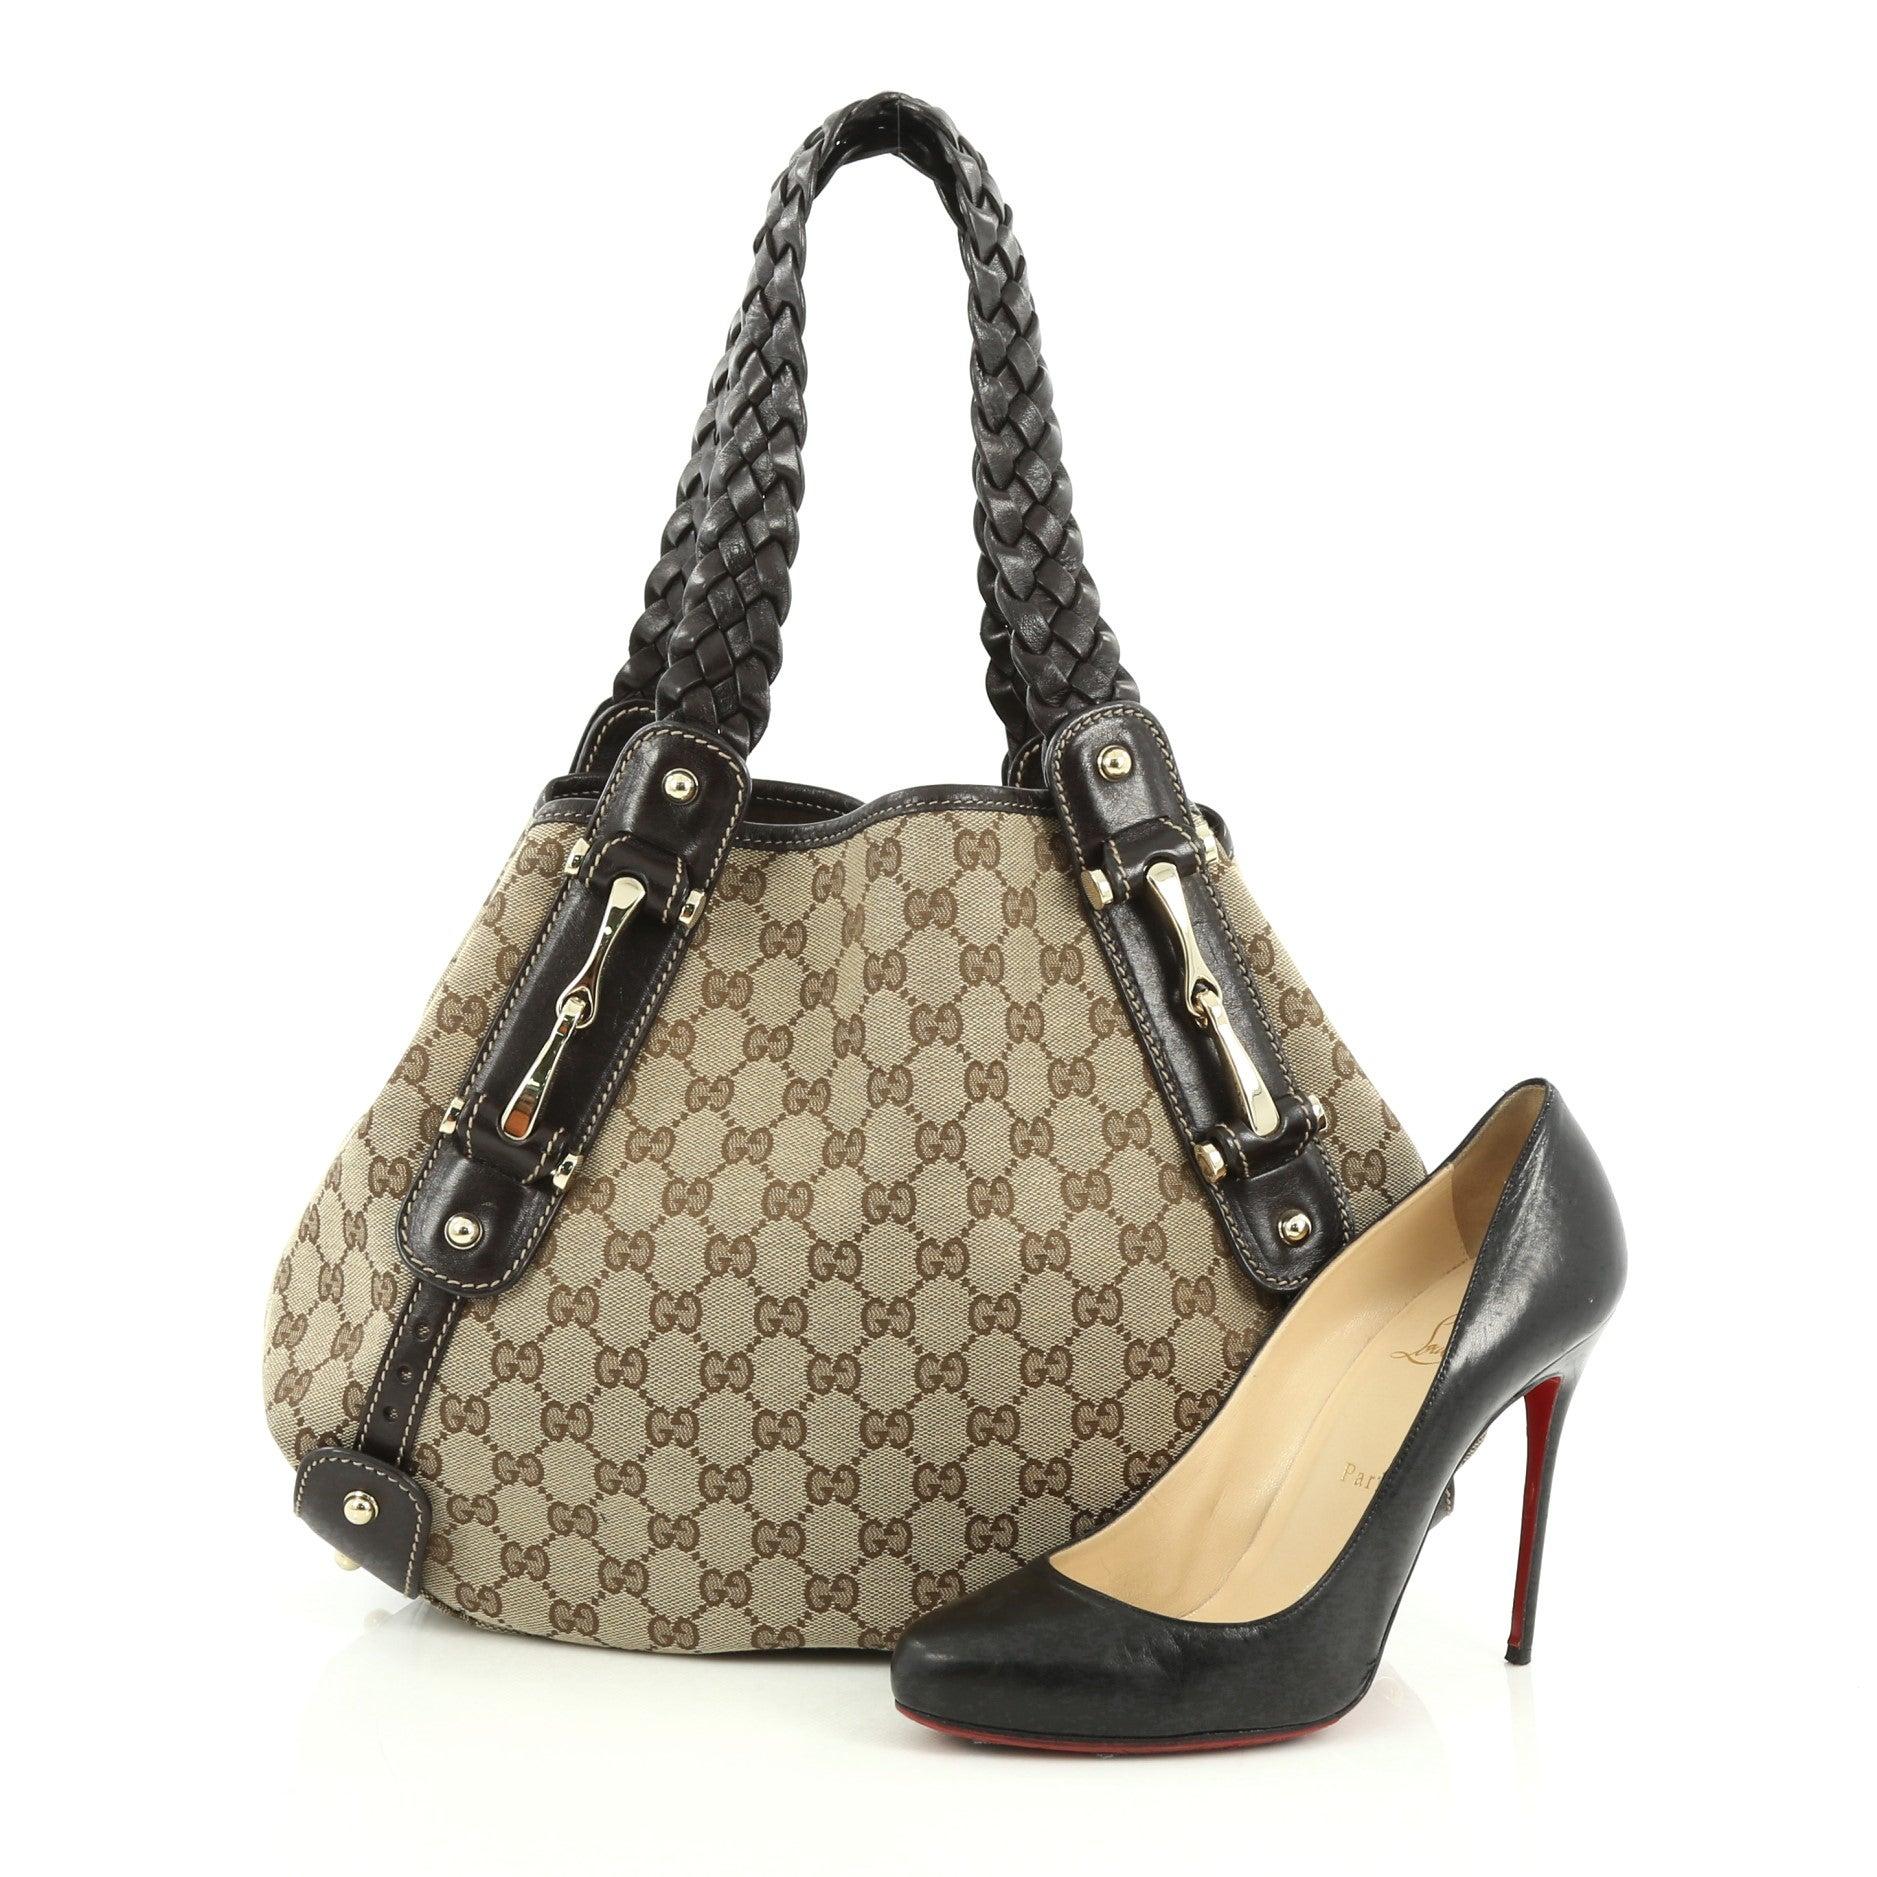 f8741da4173596 Gucci Pelham Shoulder Bag GG Canvas Small at 1stdibs